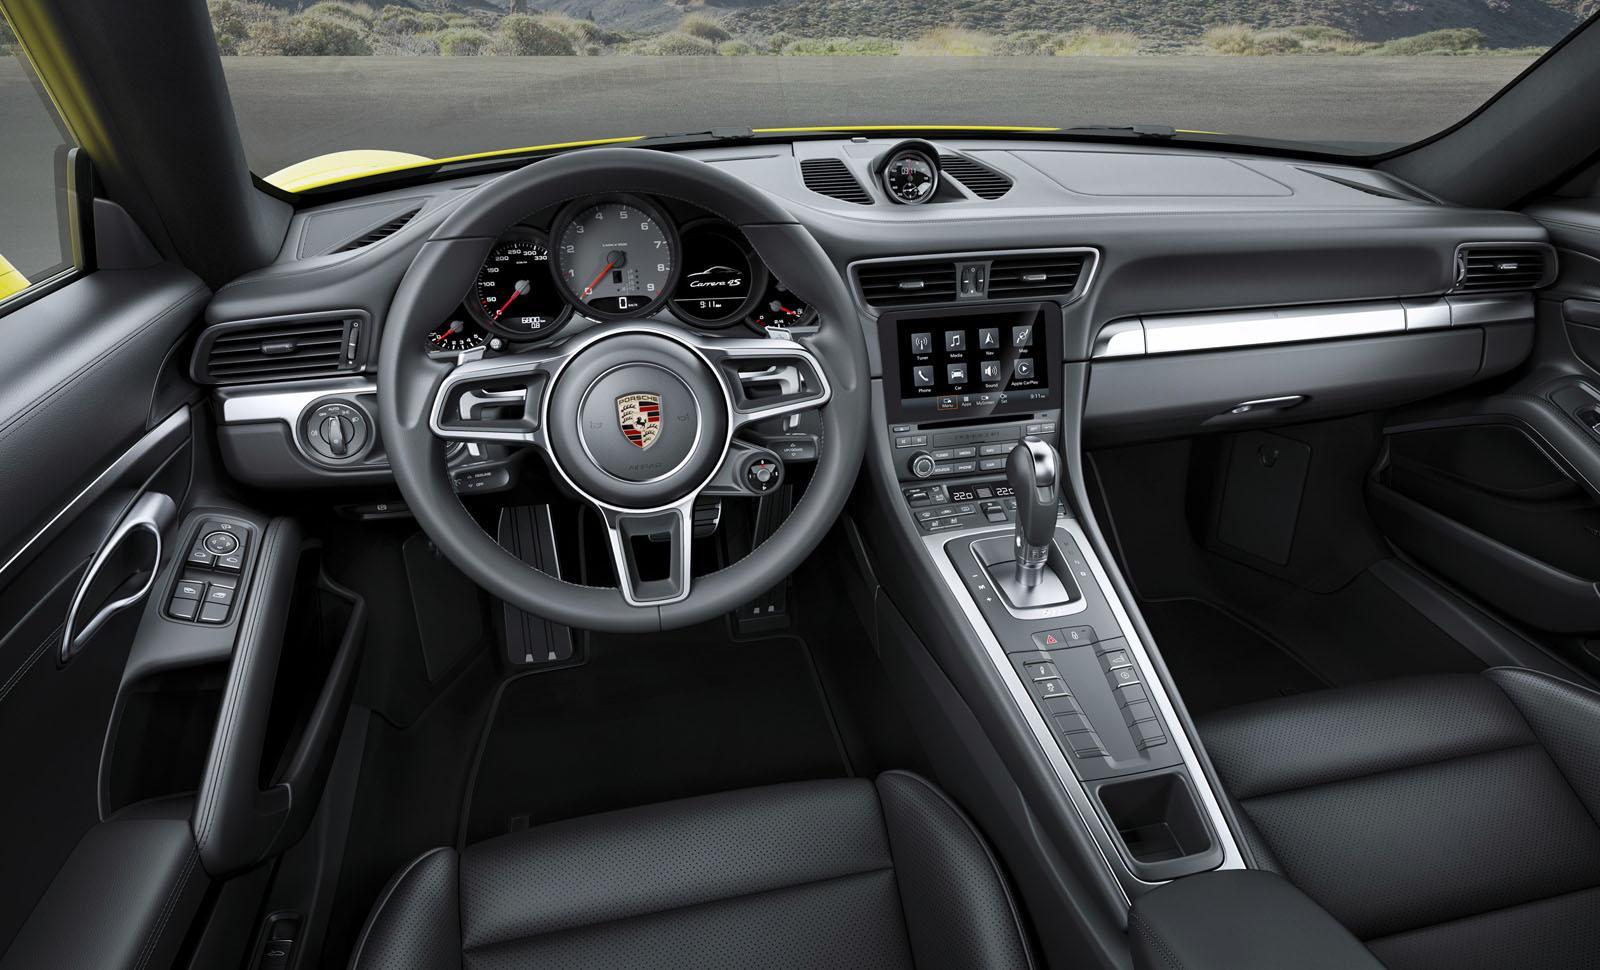 2017 Porsche 911 Carrera 4 Targa 4 Receive 911 Turbo S